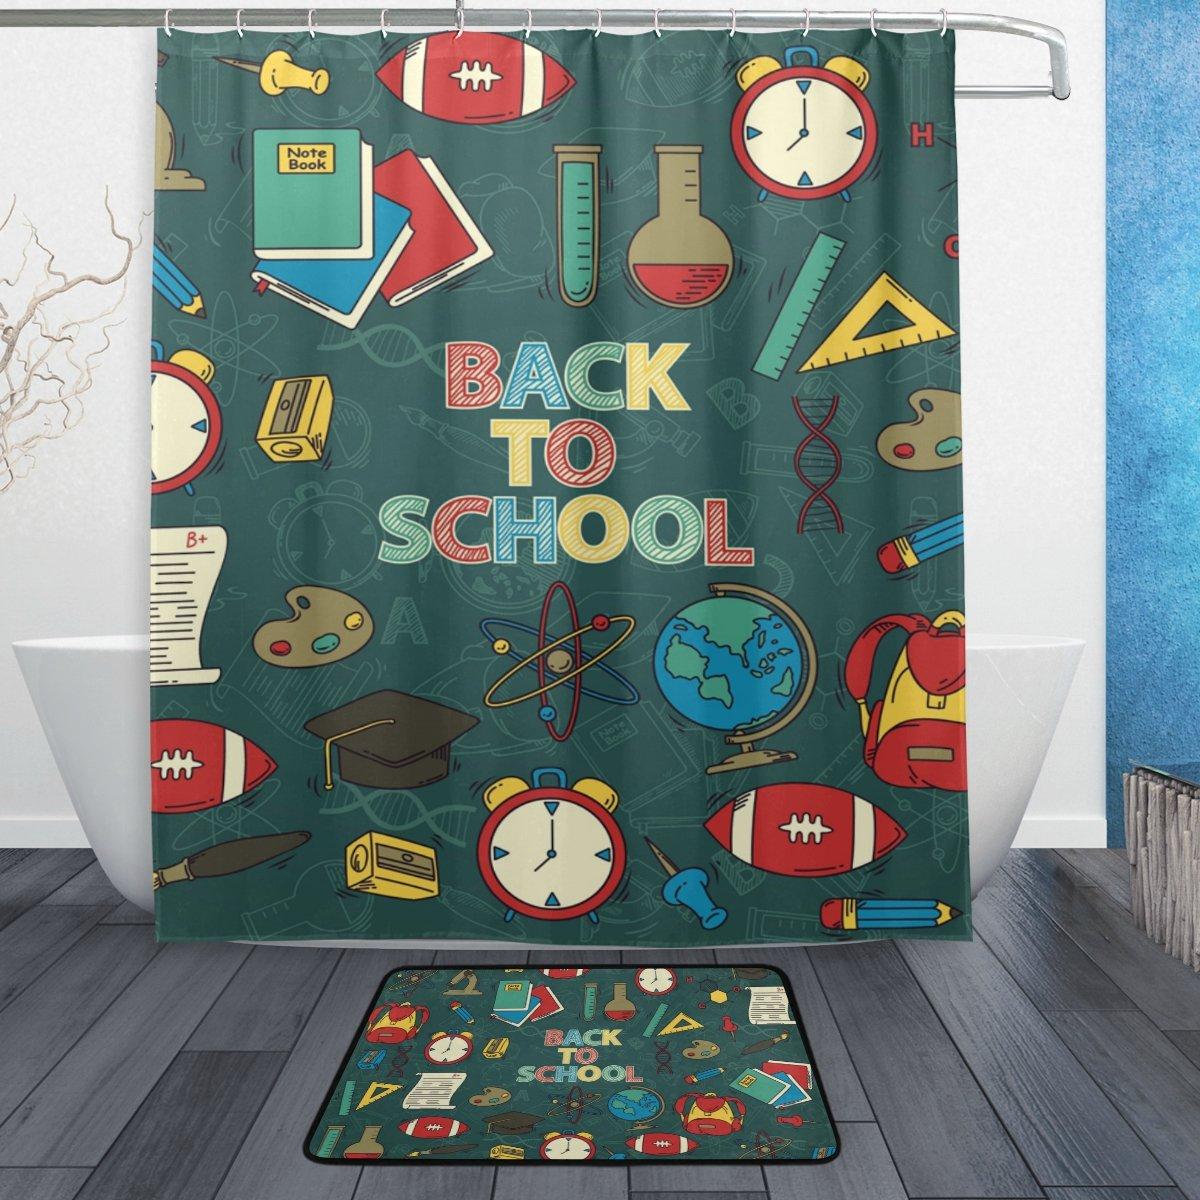 Cooper girl Back To School Item Waterproof Shower Curtain and Doormat Bath Floor Mat Sets